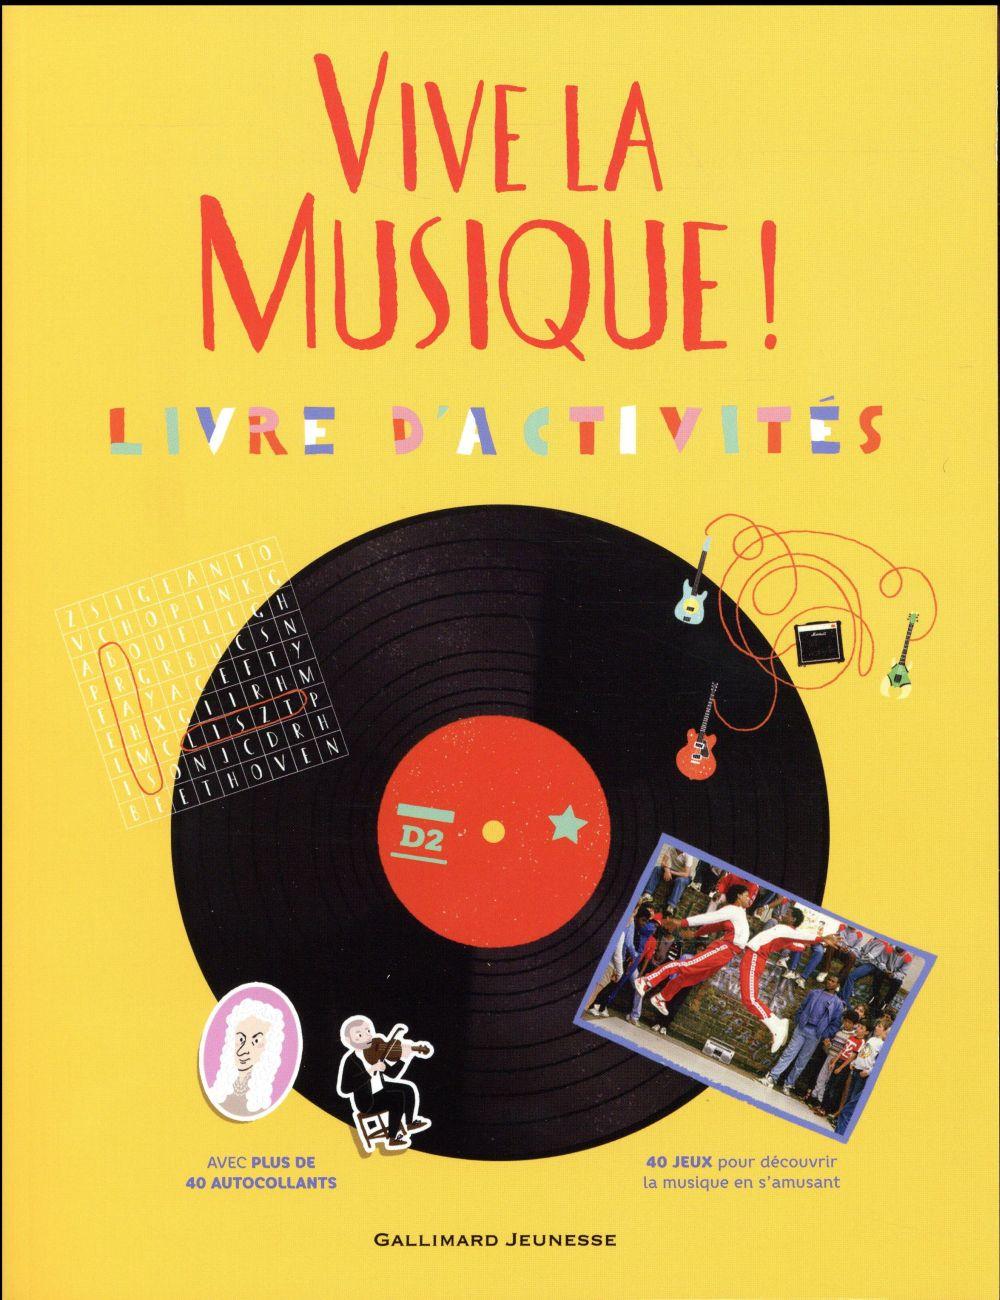 Vive la musique ! - livre d'activites